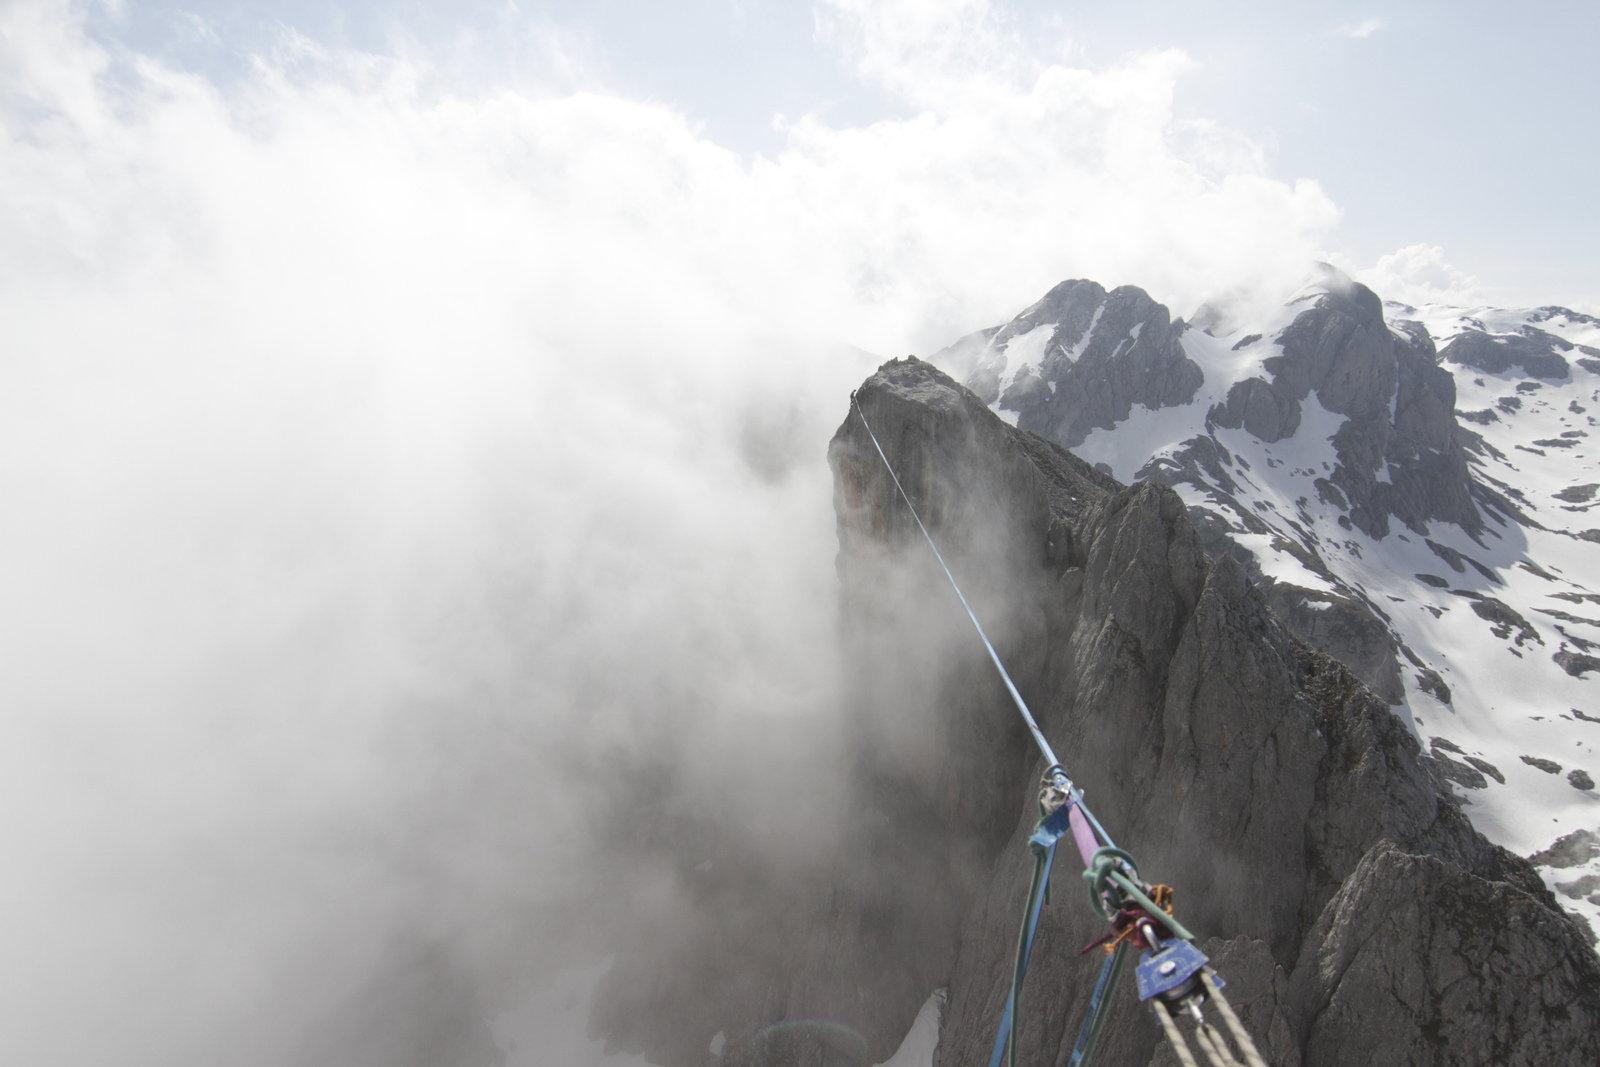 Highline-record-at-Hochkoenig (7).jpg